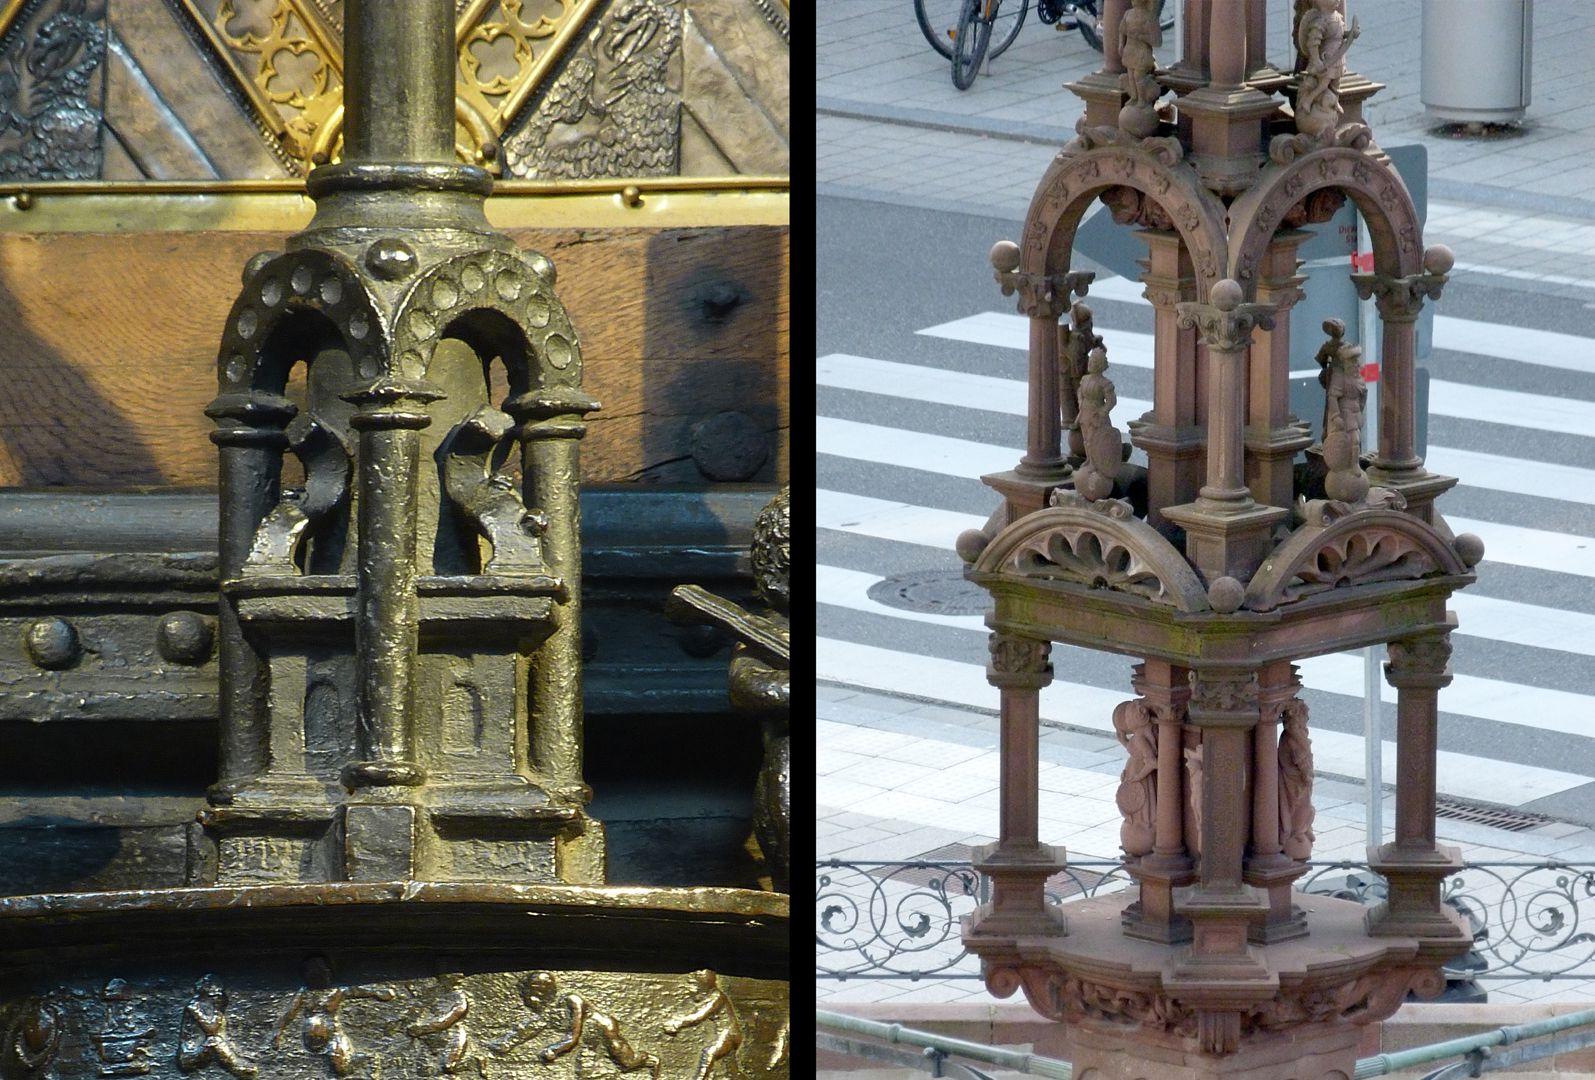 Sebaldusgrab Die Komposition mancher Dienstbasis in Luftbögen am Sebaldusgrab (l.) findet sich um 1530 am Marktbrunnen in Rottweil wieder (r.)